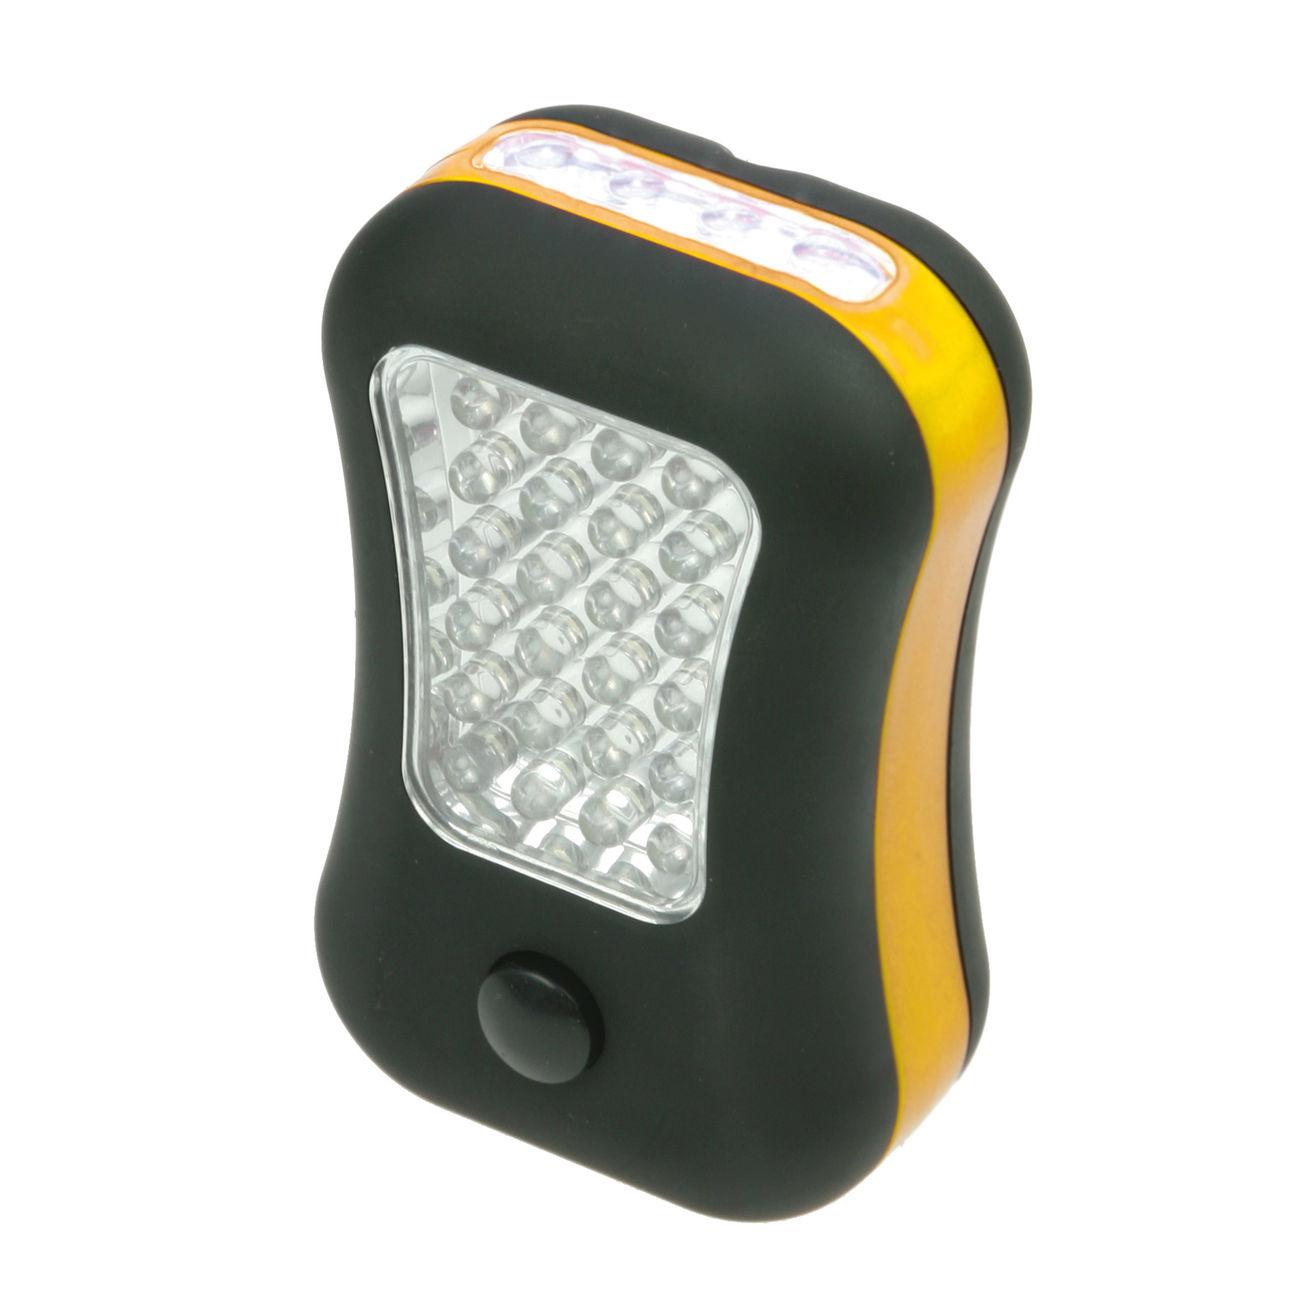 Dörr LED-Taschenlampe X24 Plus 200 Lux gelb günstig kaufen - Kotte ...